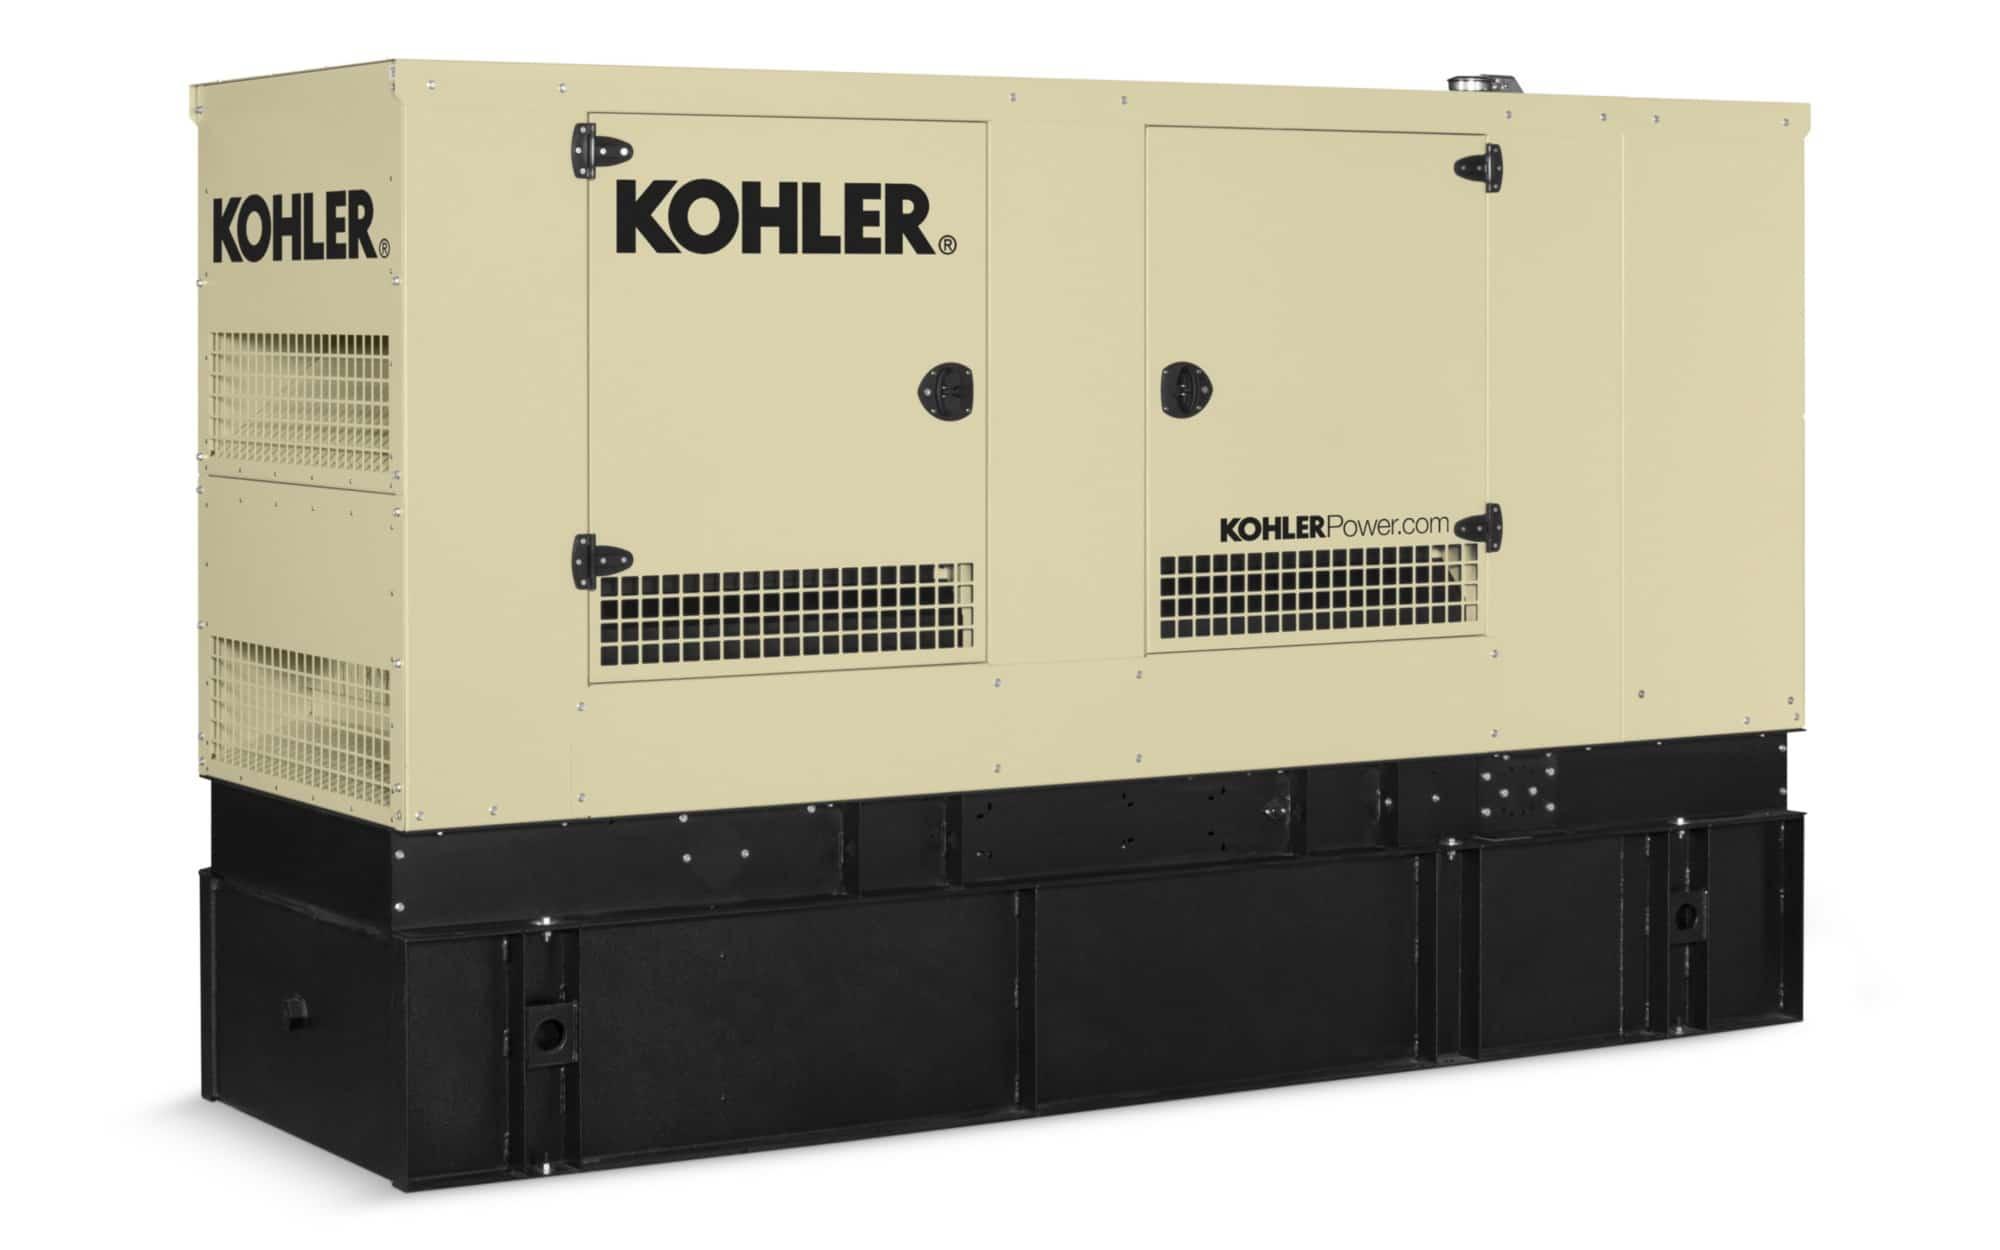 New 150 kW Kohler / John Deere REOZJF Diesel Generator – EPA Tier 3 – Coming In!